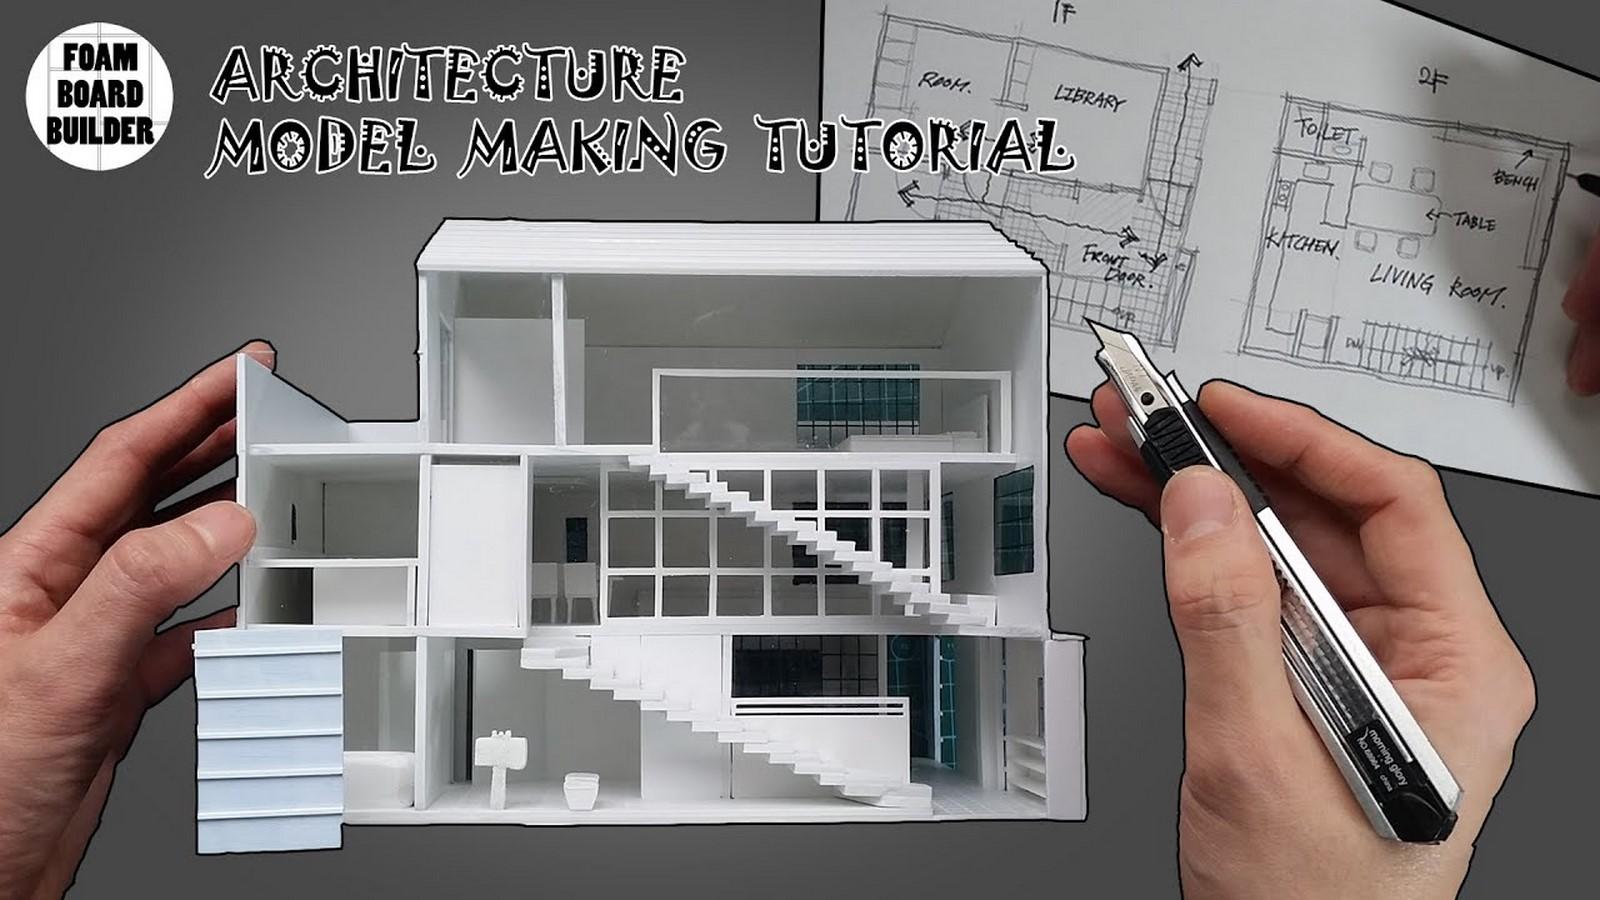 ANDDA architect - Sheet1